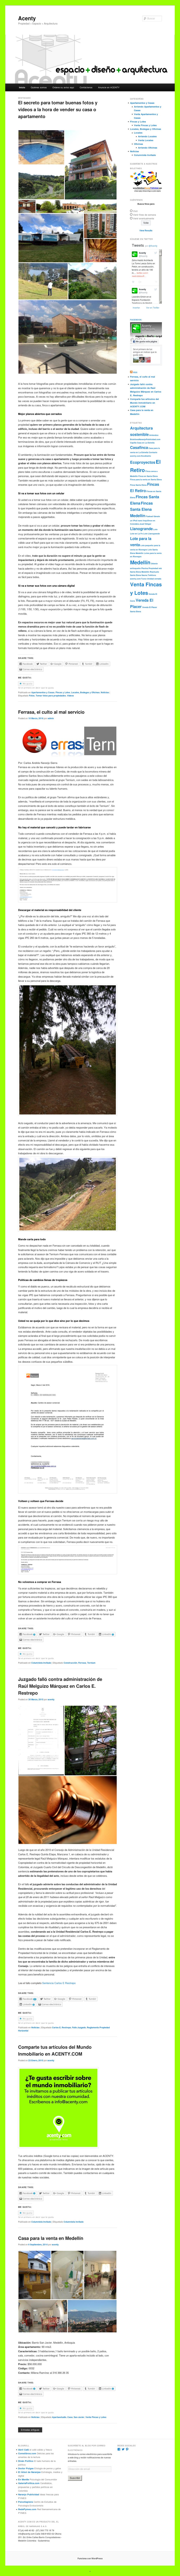 Famoso Arrojar Marcas De Encuadre Elaboración - Ideas Personalizadas ...